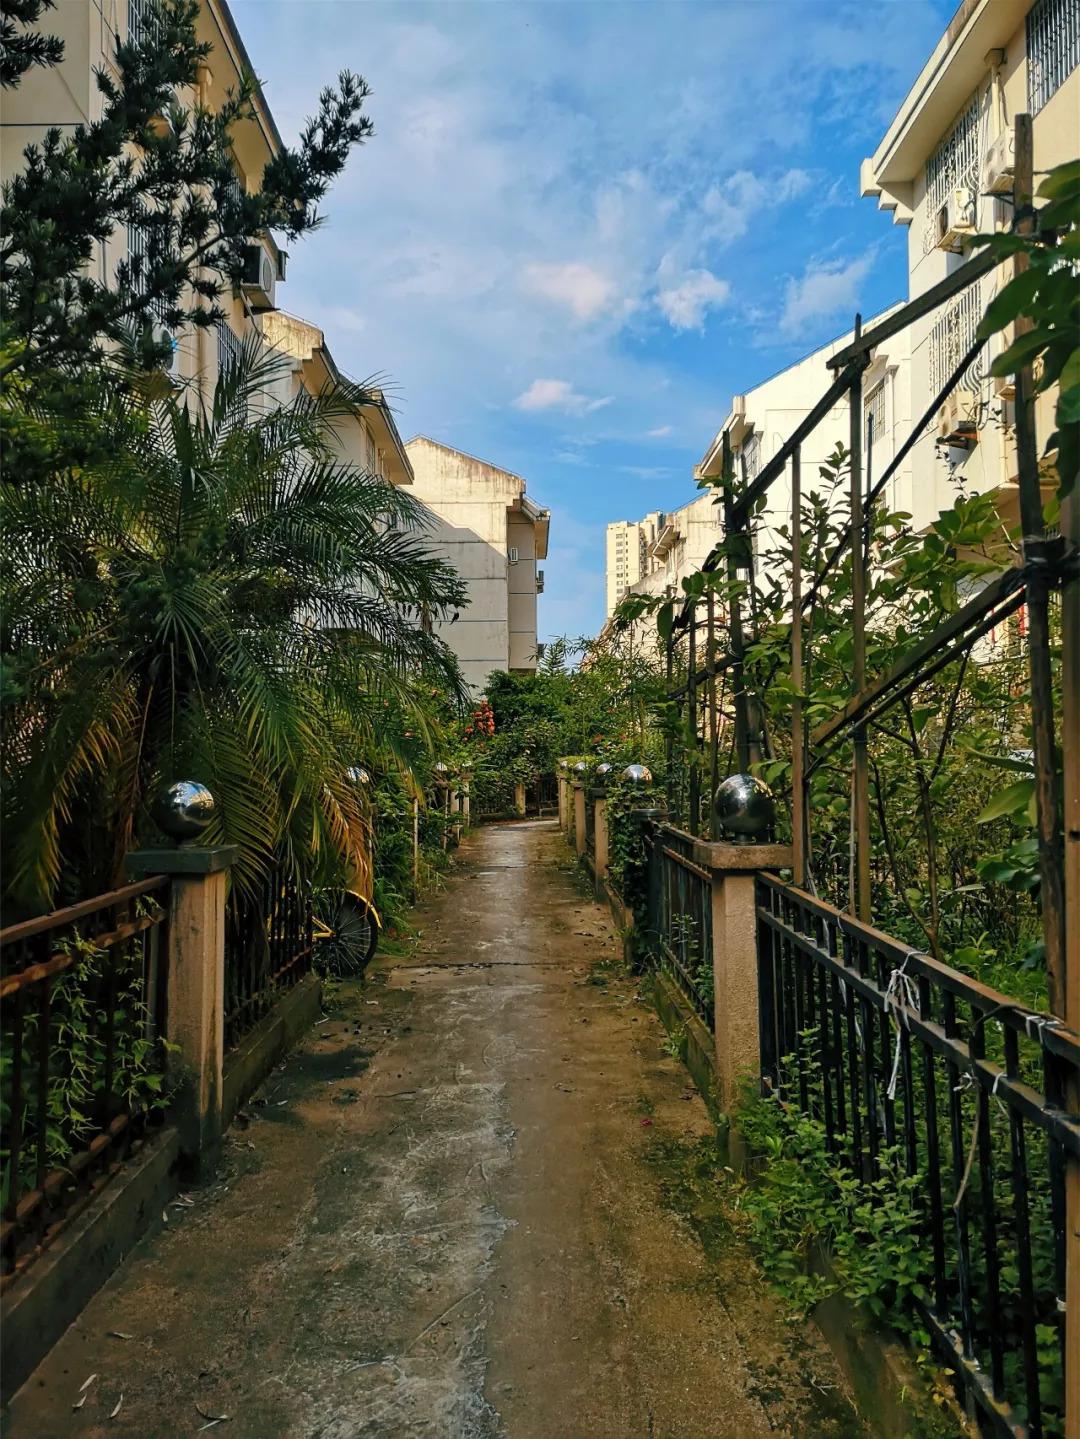 宁德这个别墅,从高冷的别墅群到如今的大门地方美食,原来是因为.社区人气花园图片欣赏图片